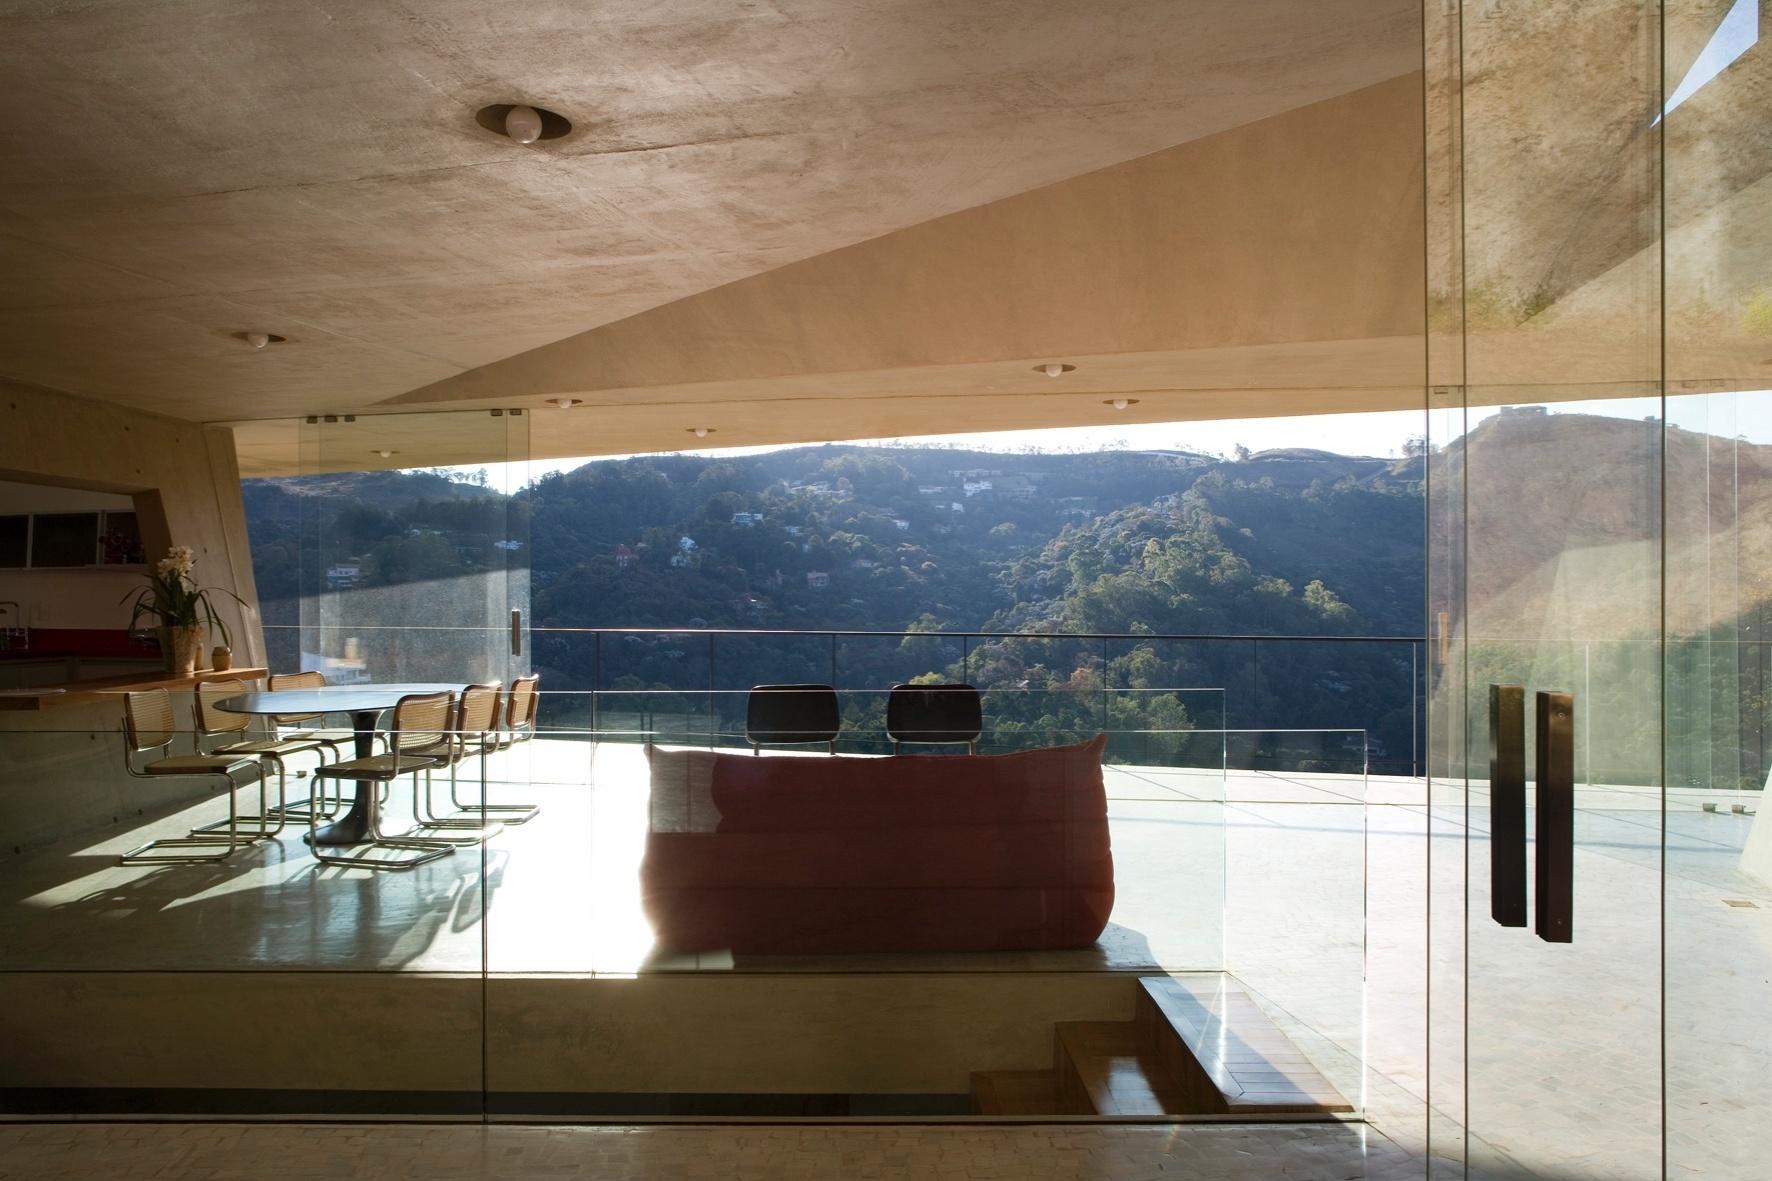 A área social da Casa PL, projetada por Fernando Maculan e Pedro Morais, forma uma praça, integrada com o verde exterior a partir de fechamentos laterais em vidro temperado. Atrás do sofá, um fosso esconde a escadaria para o andar inferior e íntimo da residência